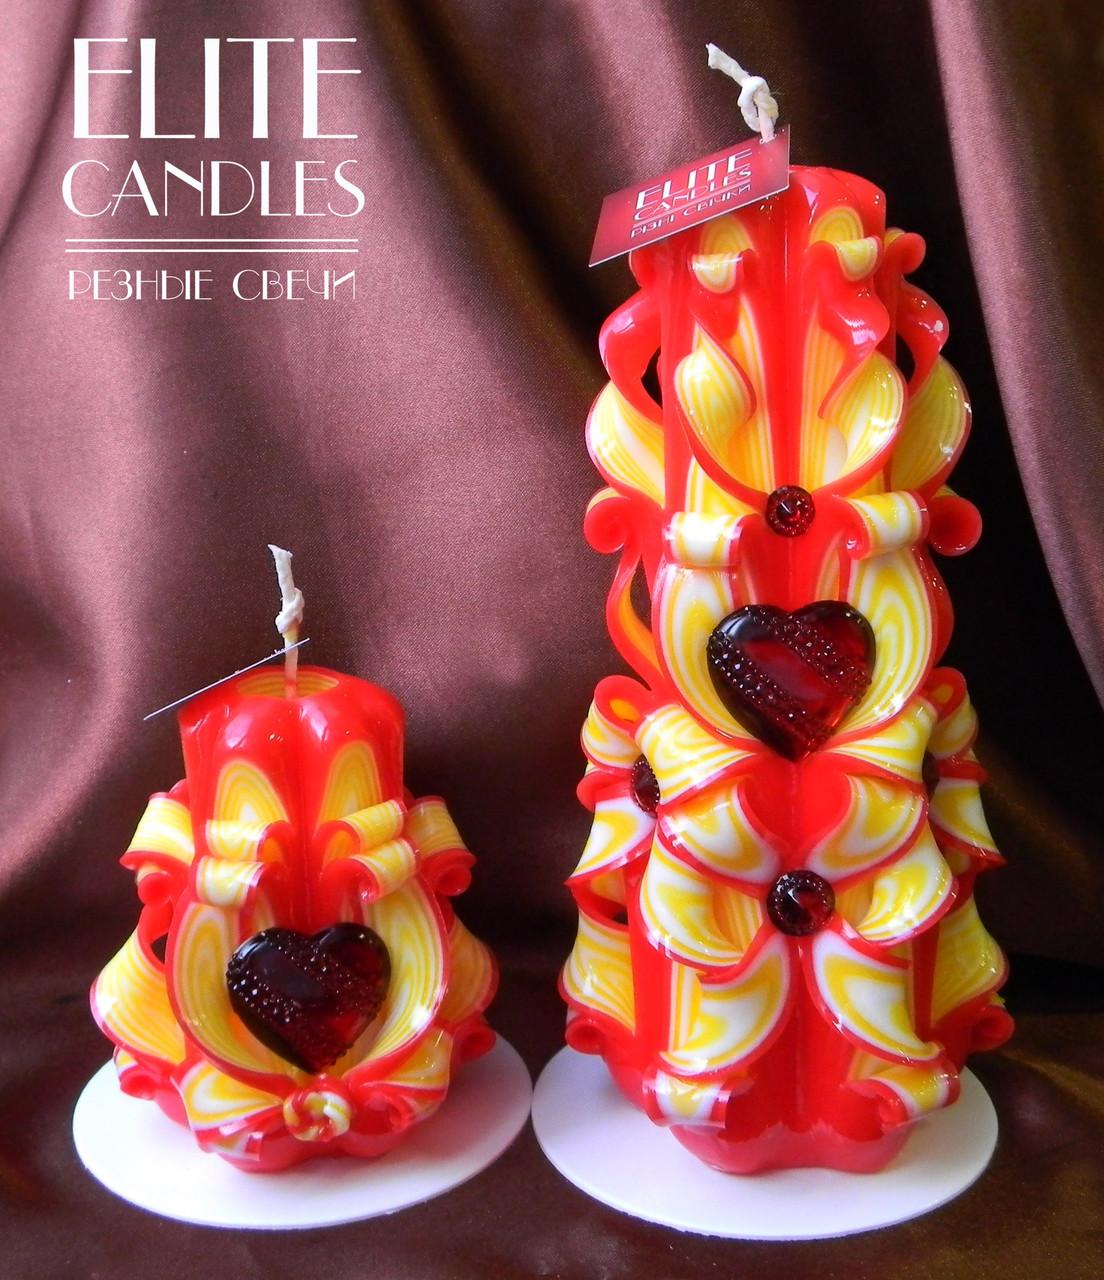 Свечи для романтика Сердце. Набор резных свечей ручной работы красно-желтой расцветки